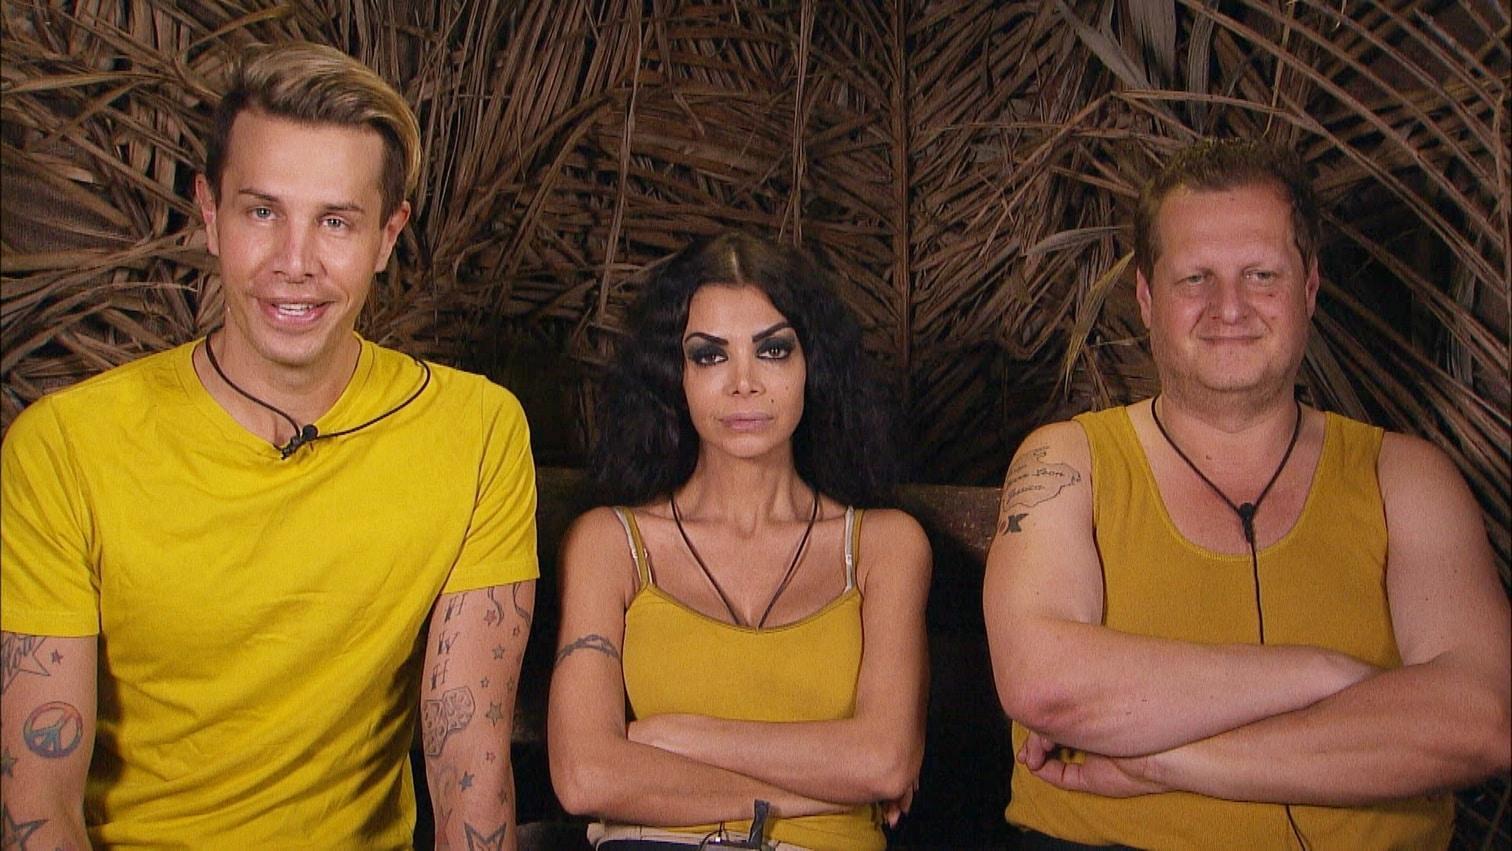 Foto: RTL/Ich bin ein Star